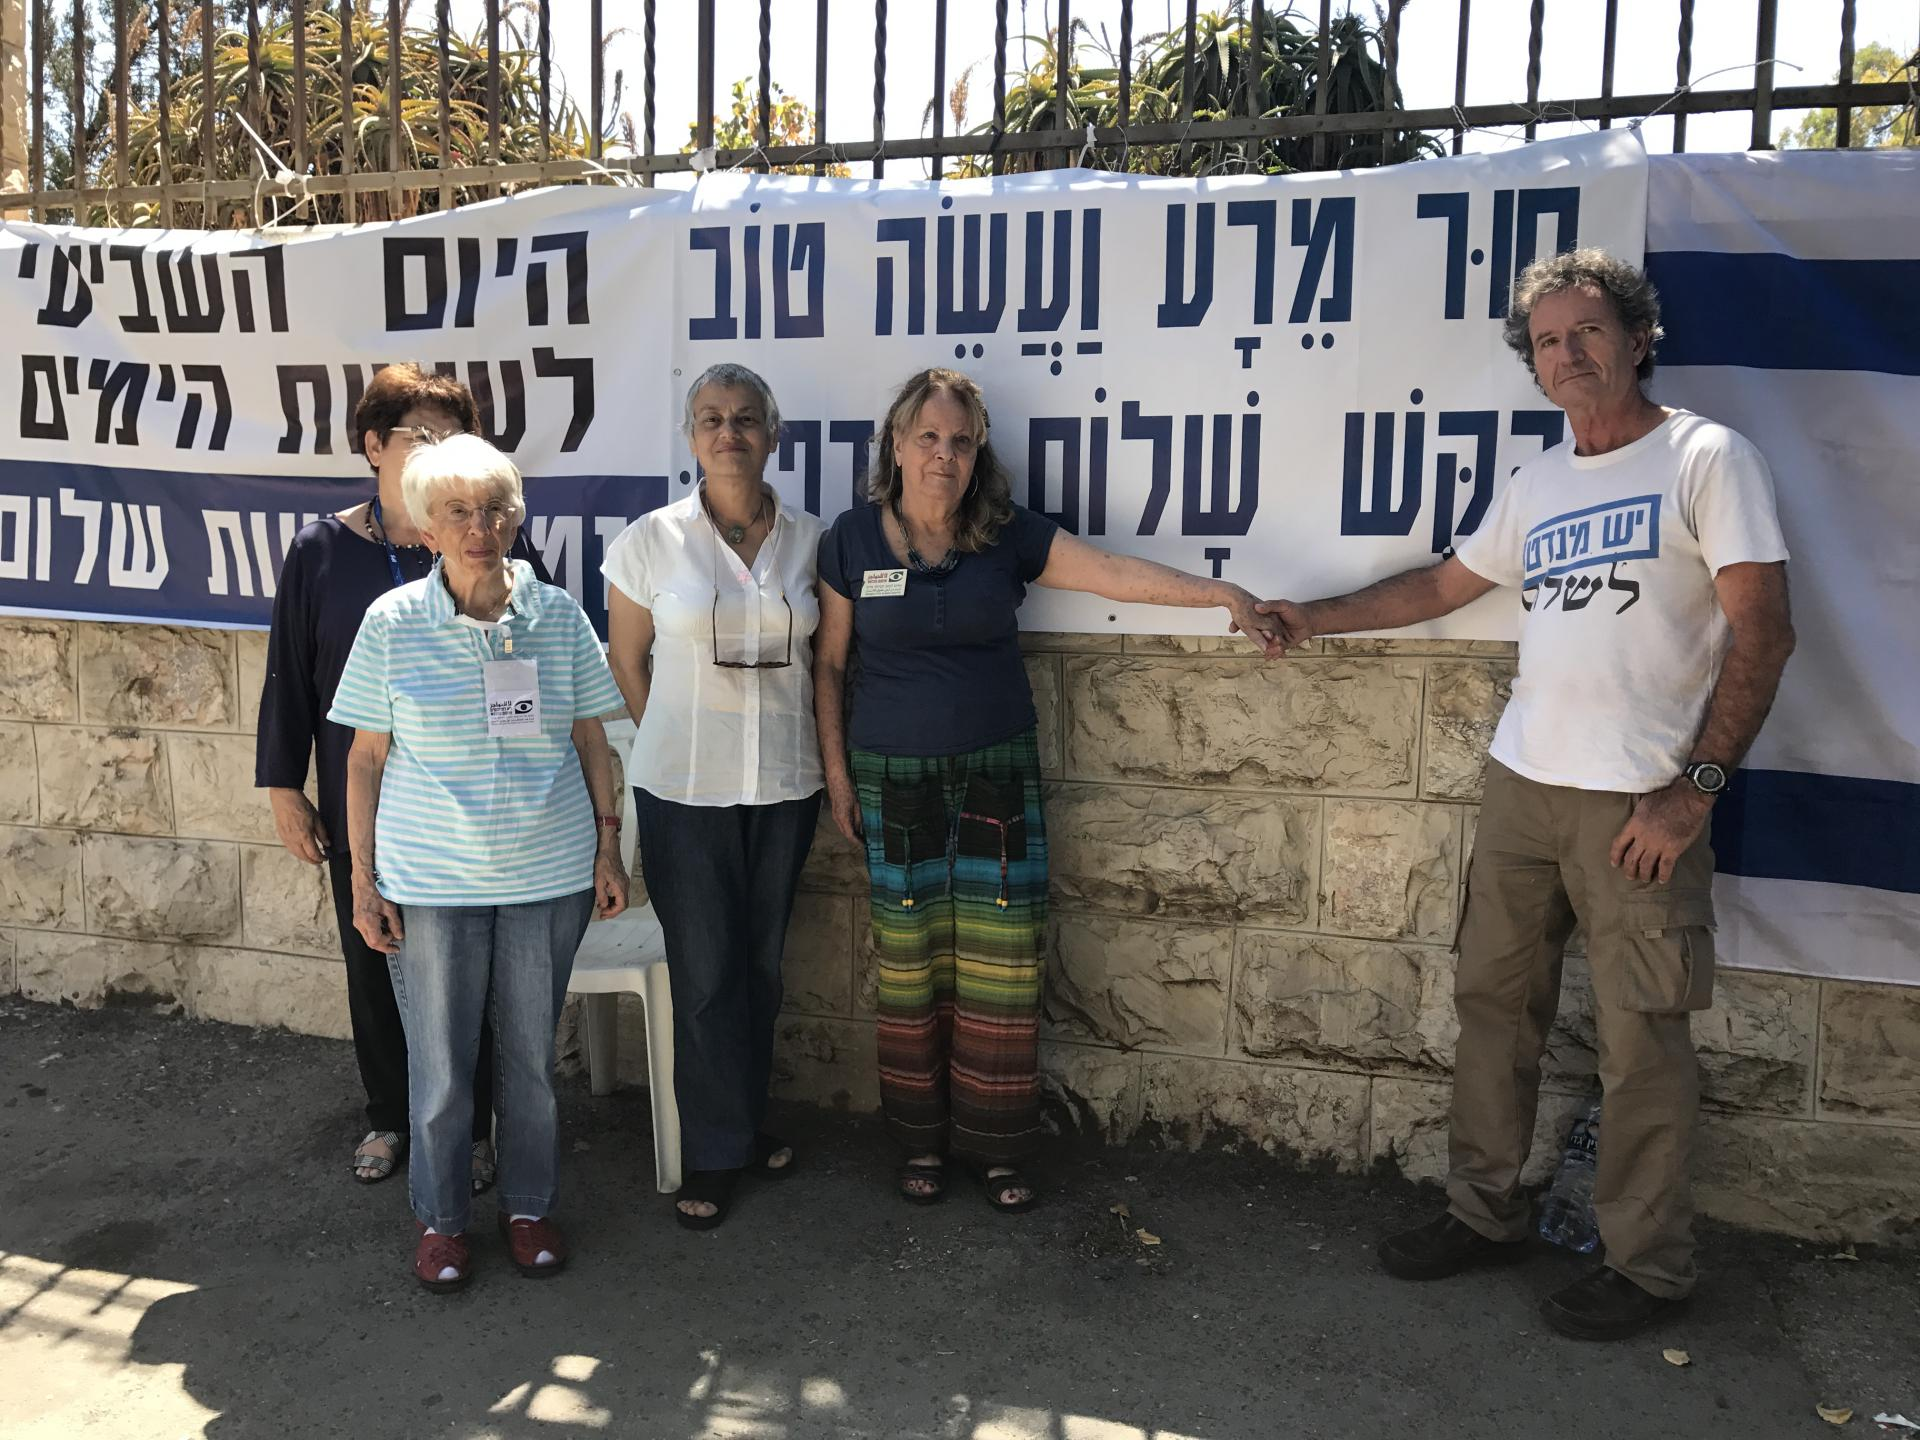 שביתת רעב כמחאה על המשך הכיבוש